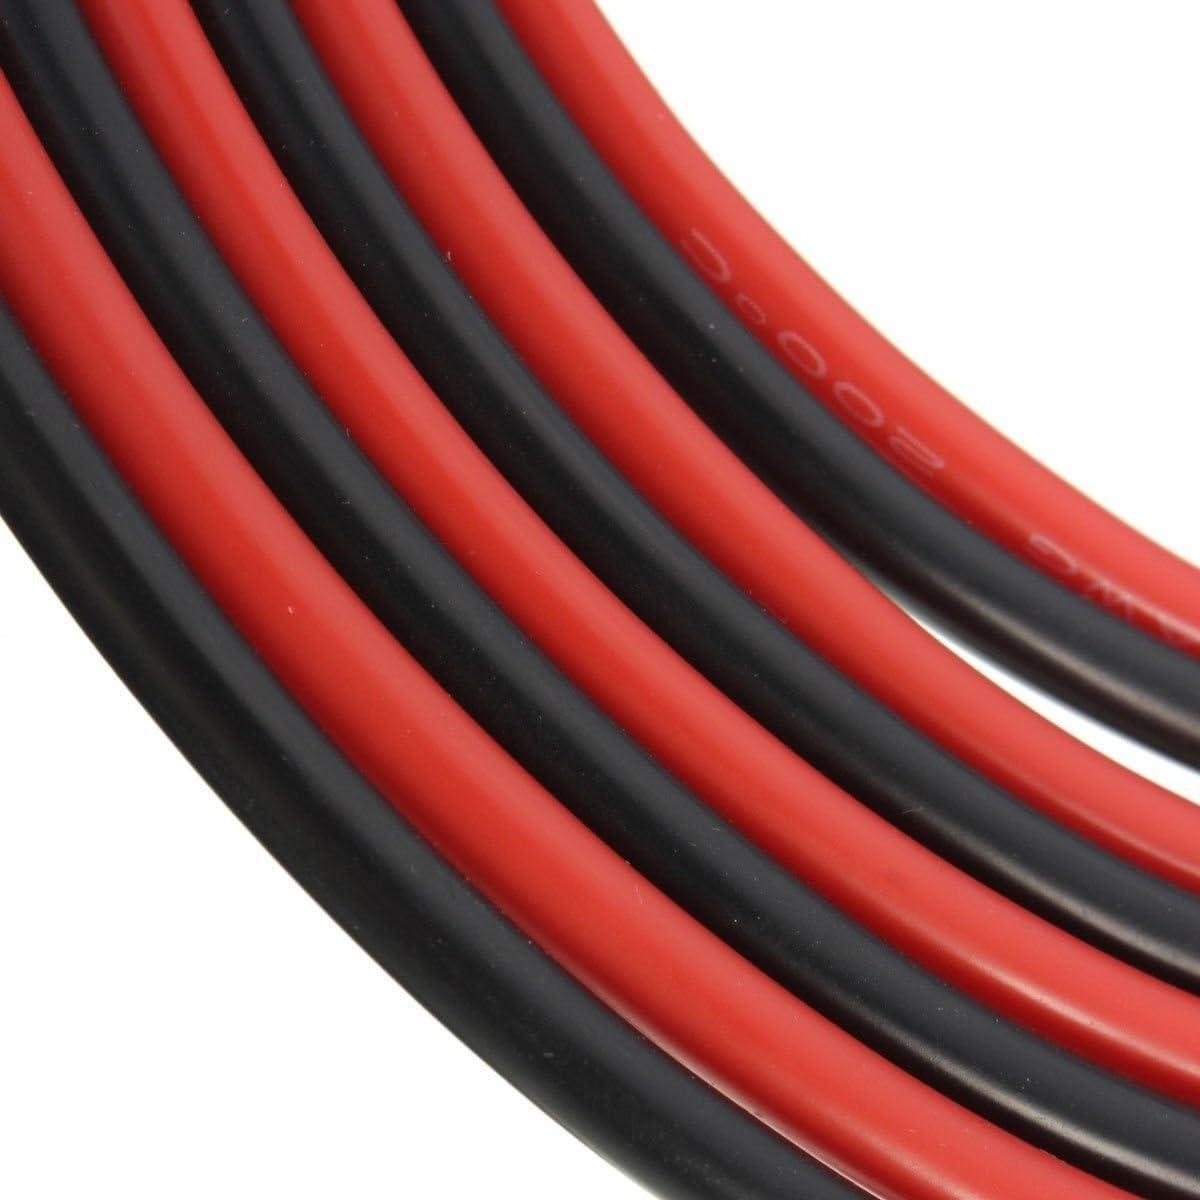 2 x 1,5 m Fils de c/âblage multibrins en silicone noir et rouge 14 AWG avec 400 brins de cuivre